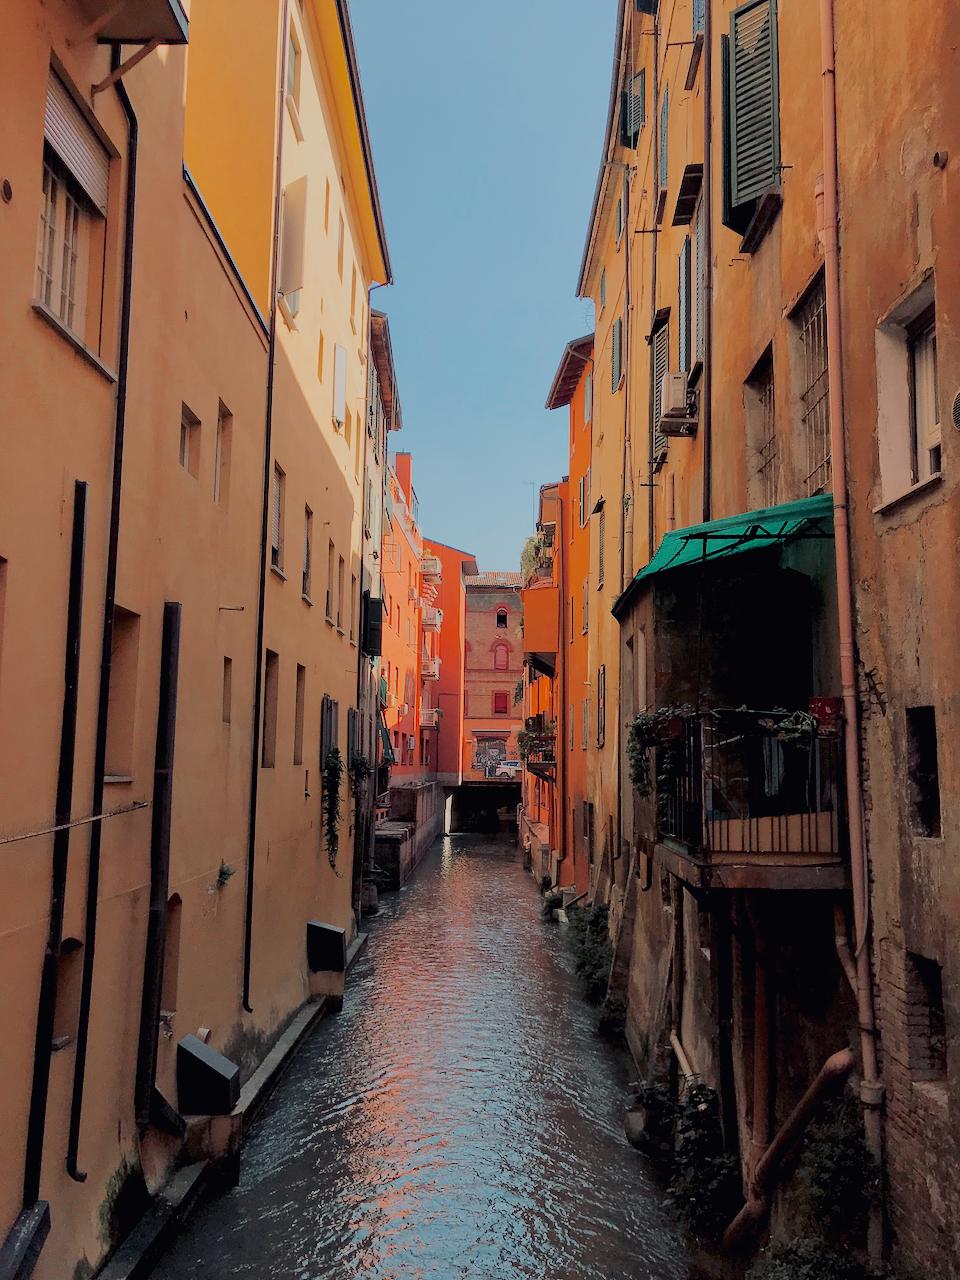 Colourful buildings and canal at Finestrella di Via Piella